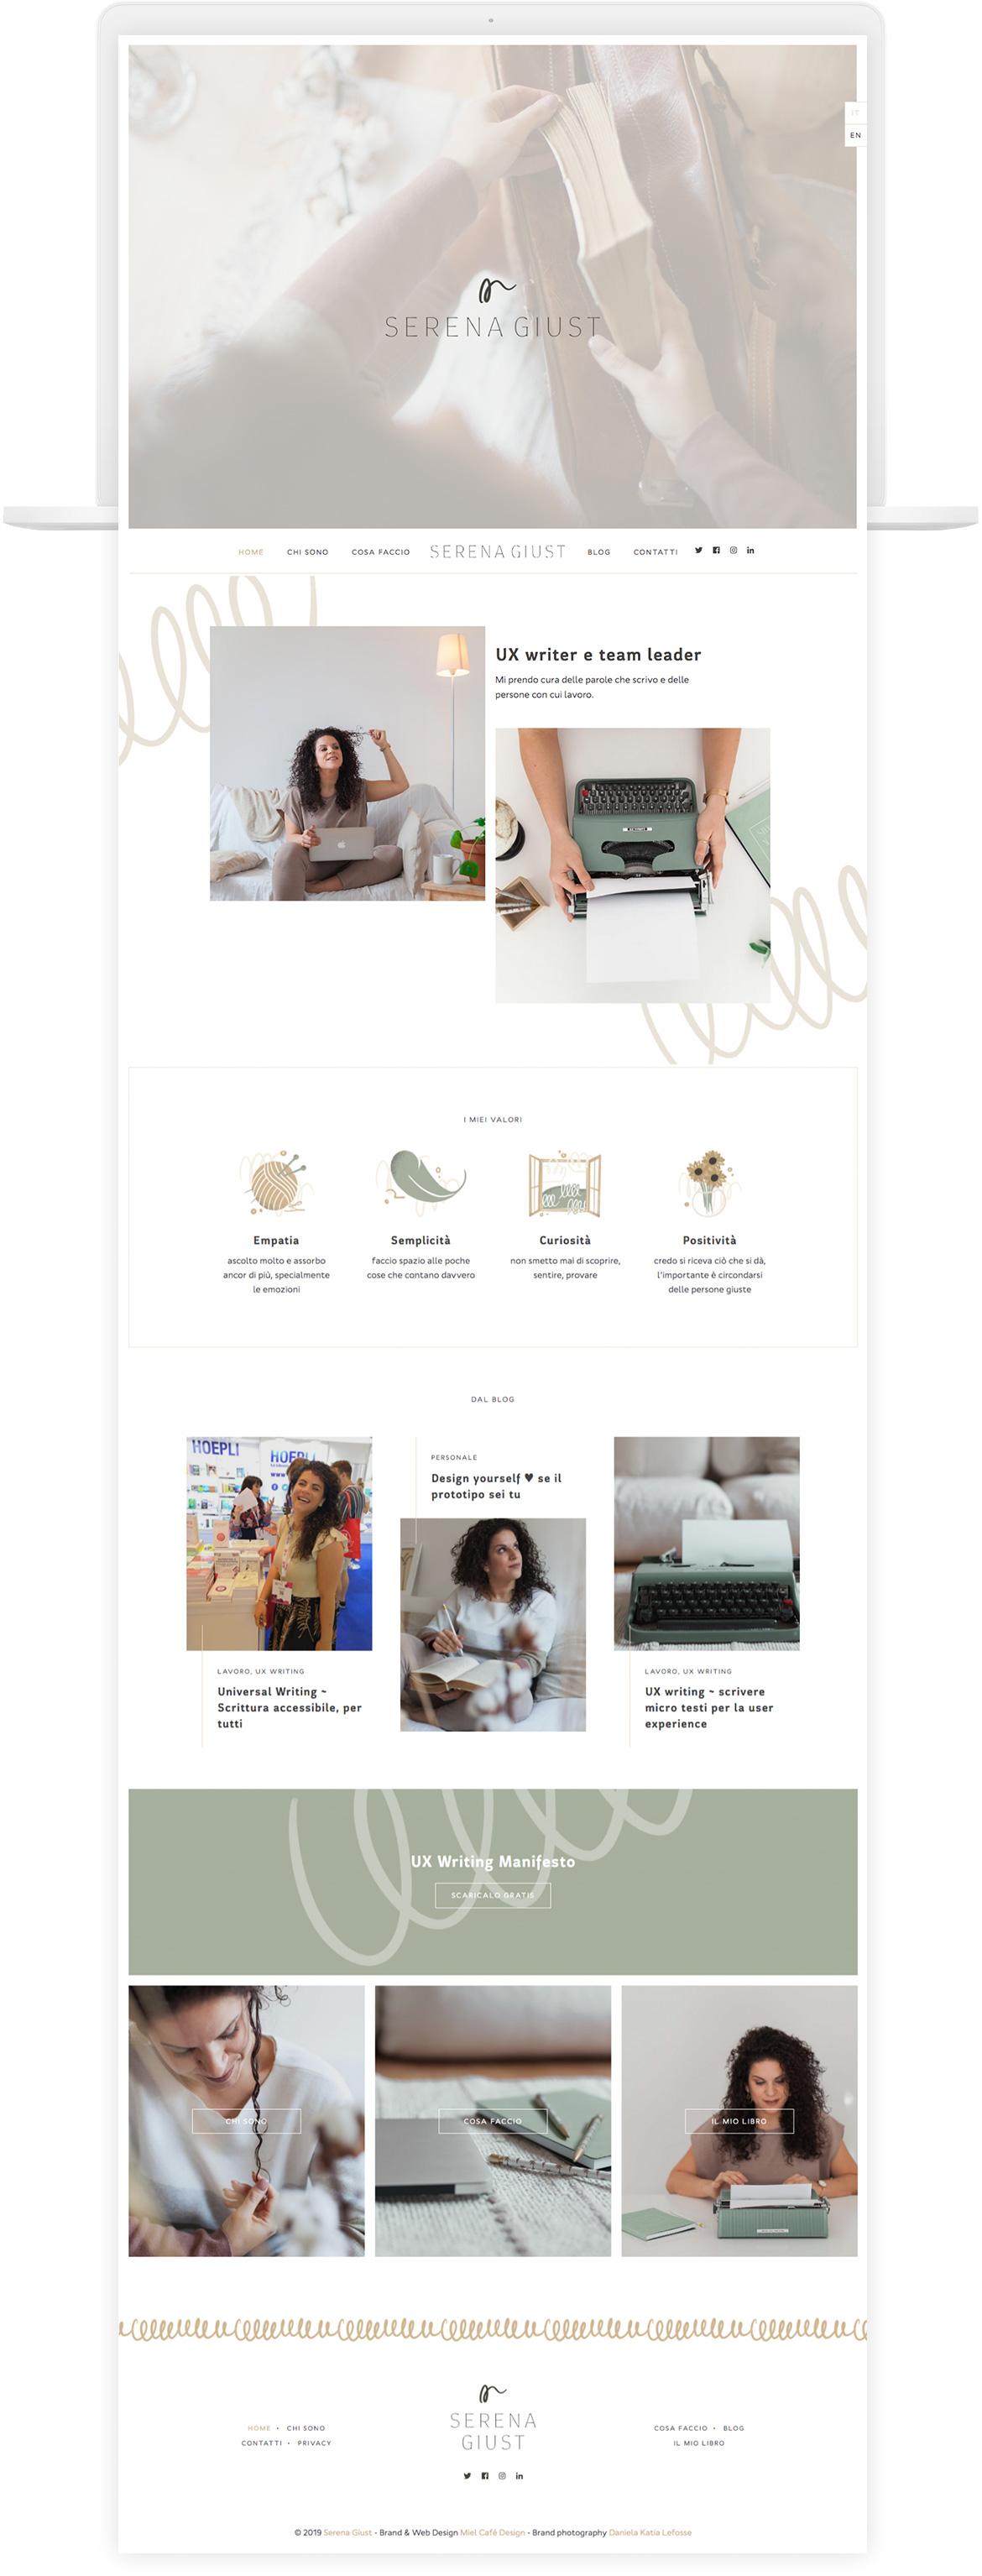 Miel Café Design Portfolio: Minimal and essential Web design for UX Writer Serena Giust